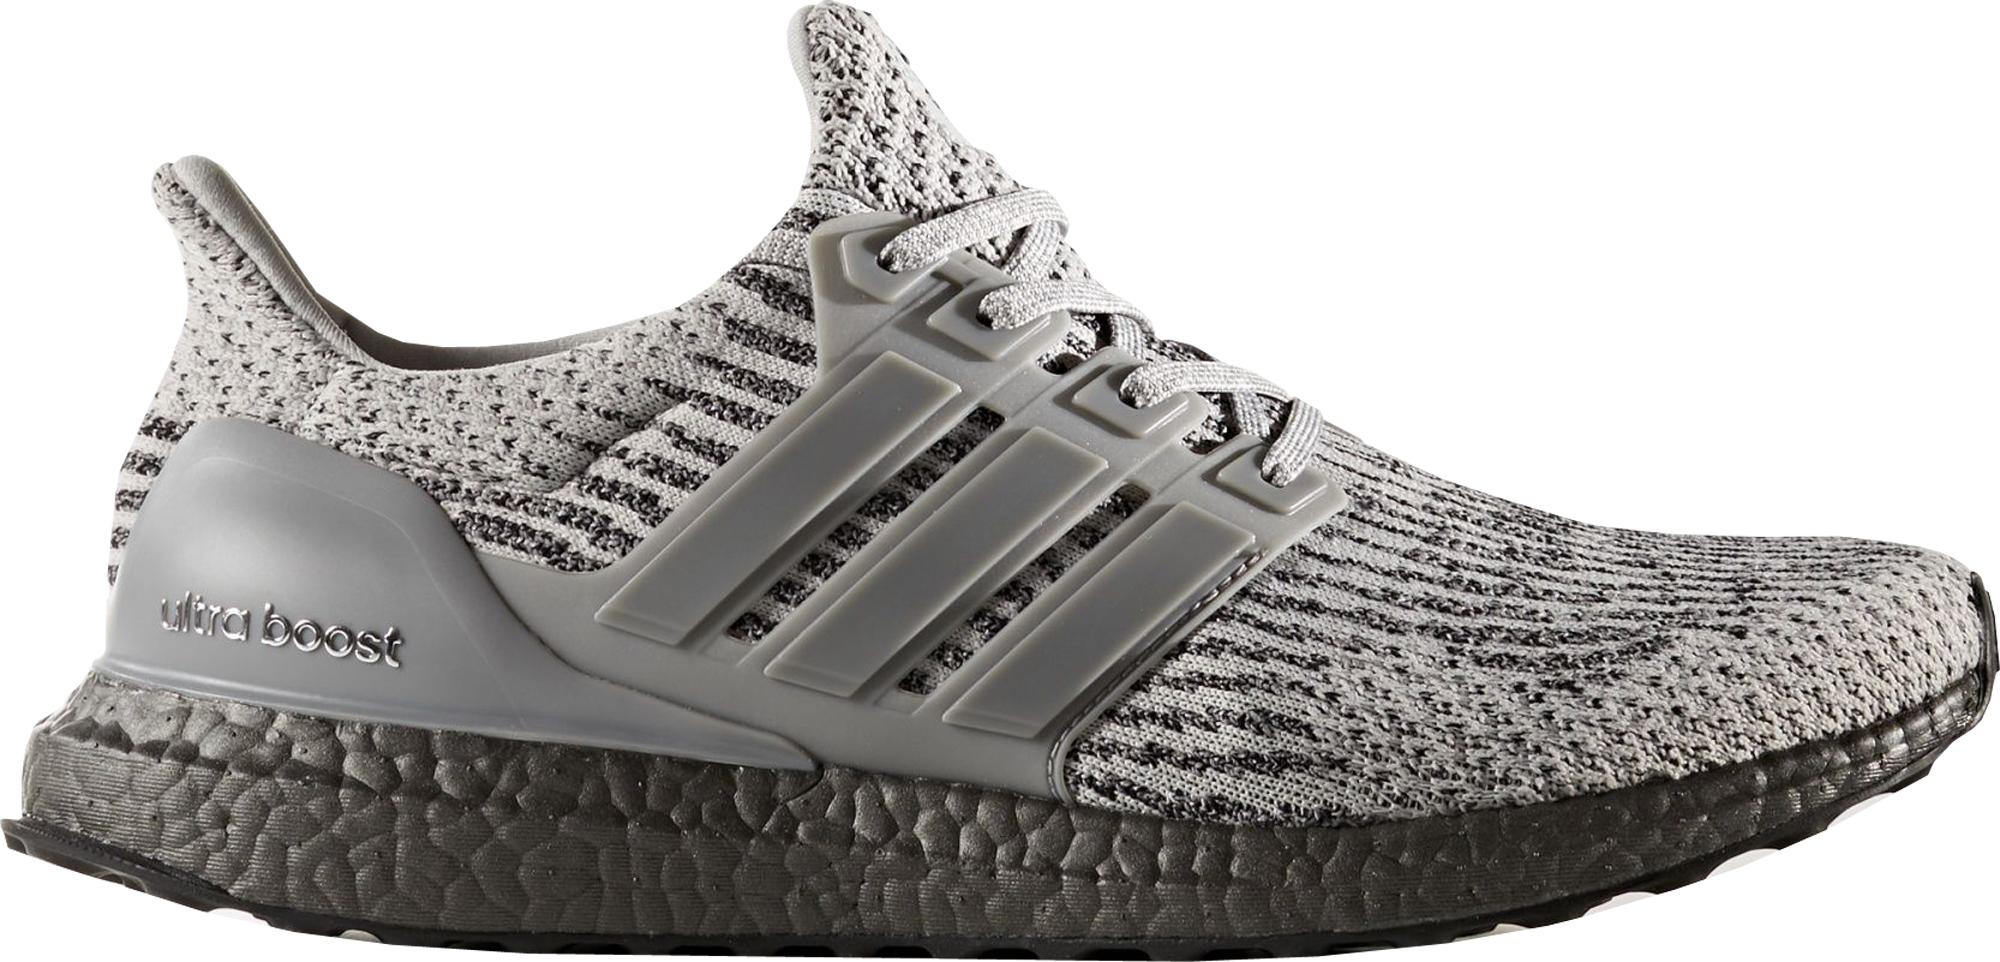 adidas Ultra Boost 3.0 Triple Grey